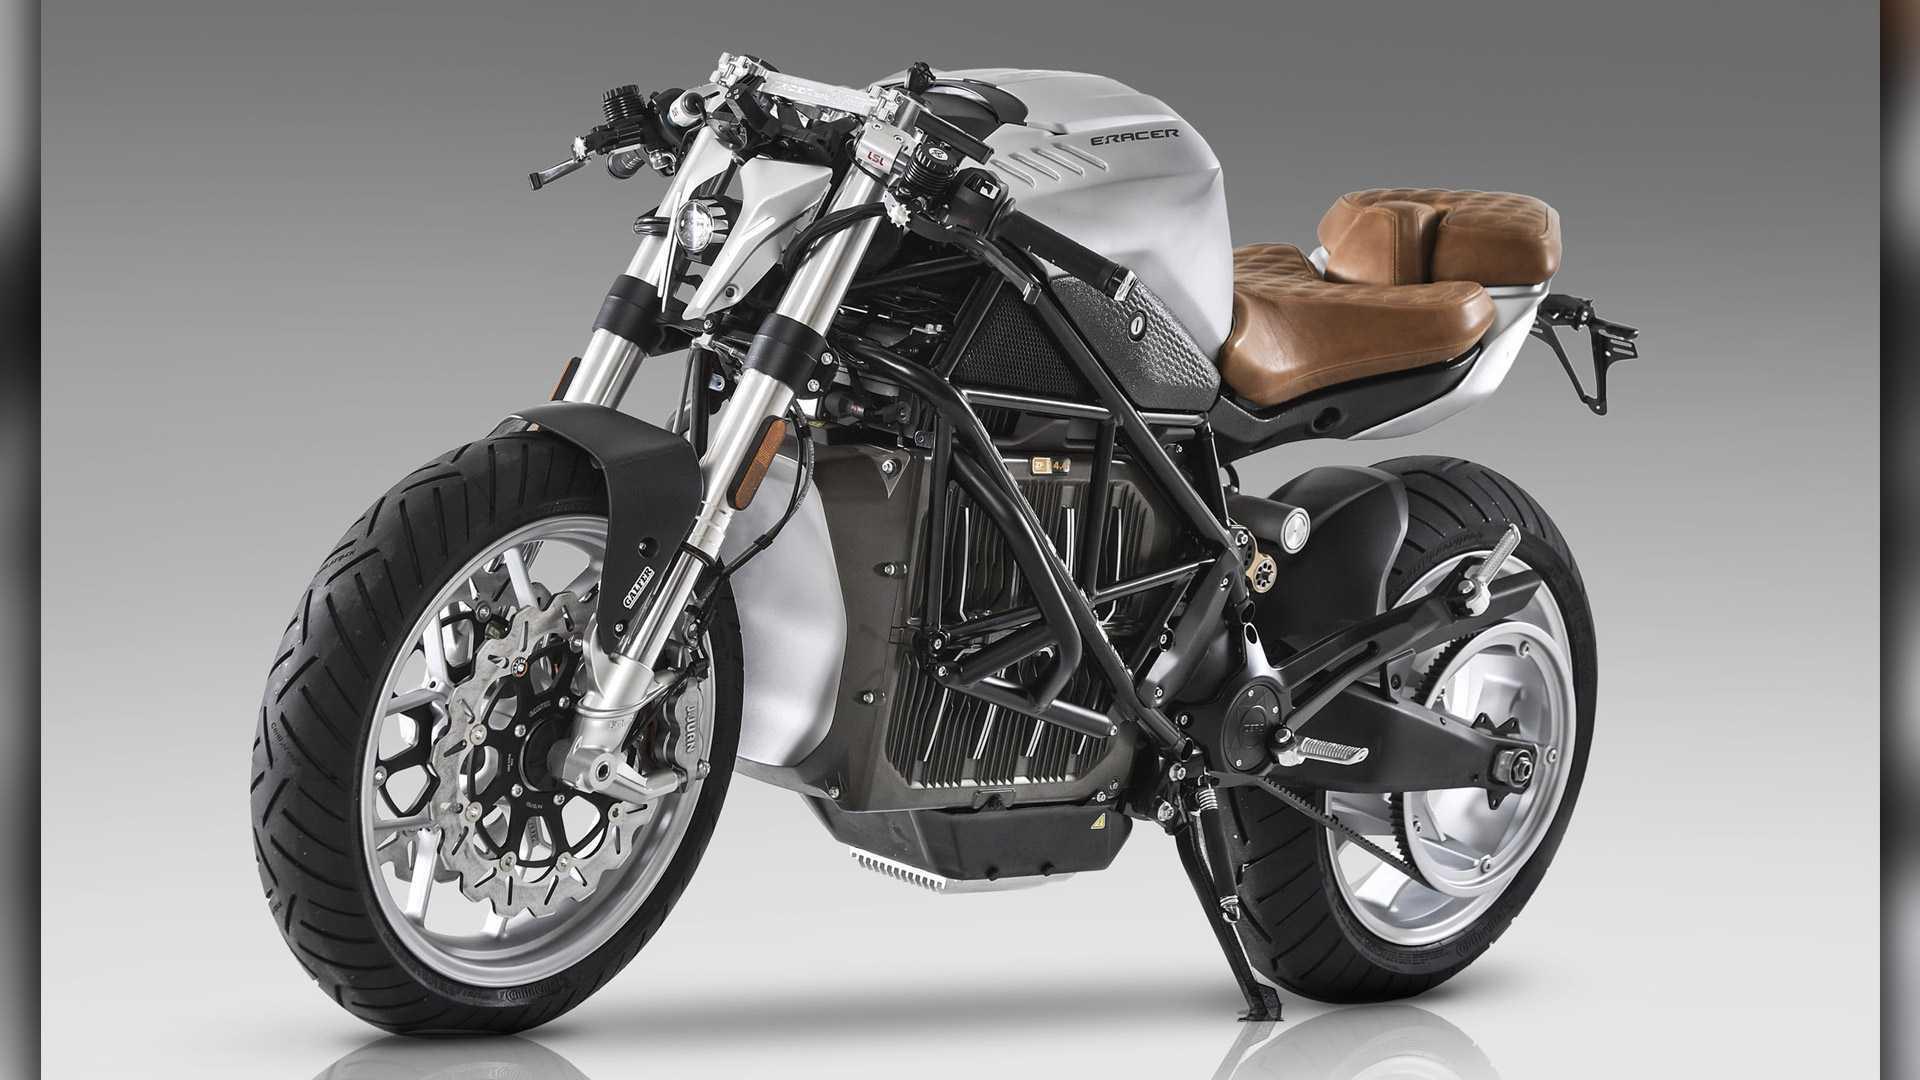 https://cdn.motor1.com/images/mgl/qNpBG/s1/e-racer-motorcycle-zero-sr-f-the-edge-custom.jpg